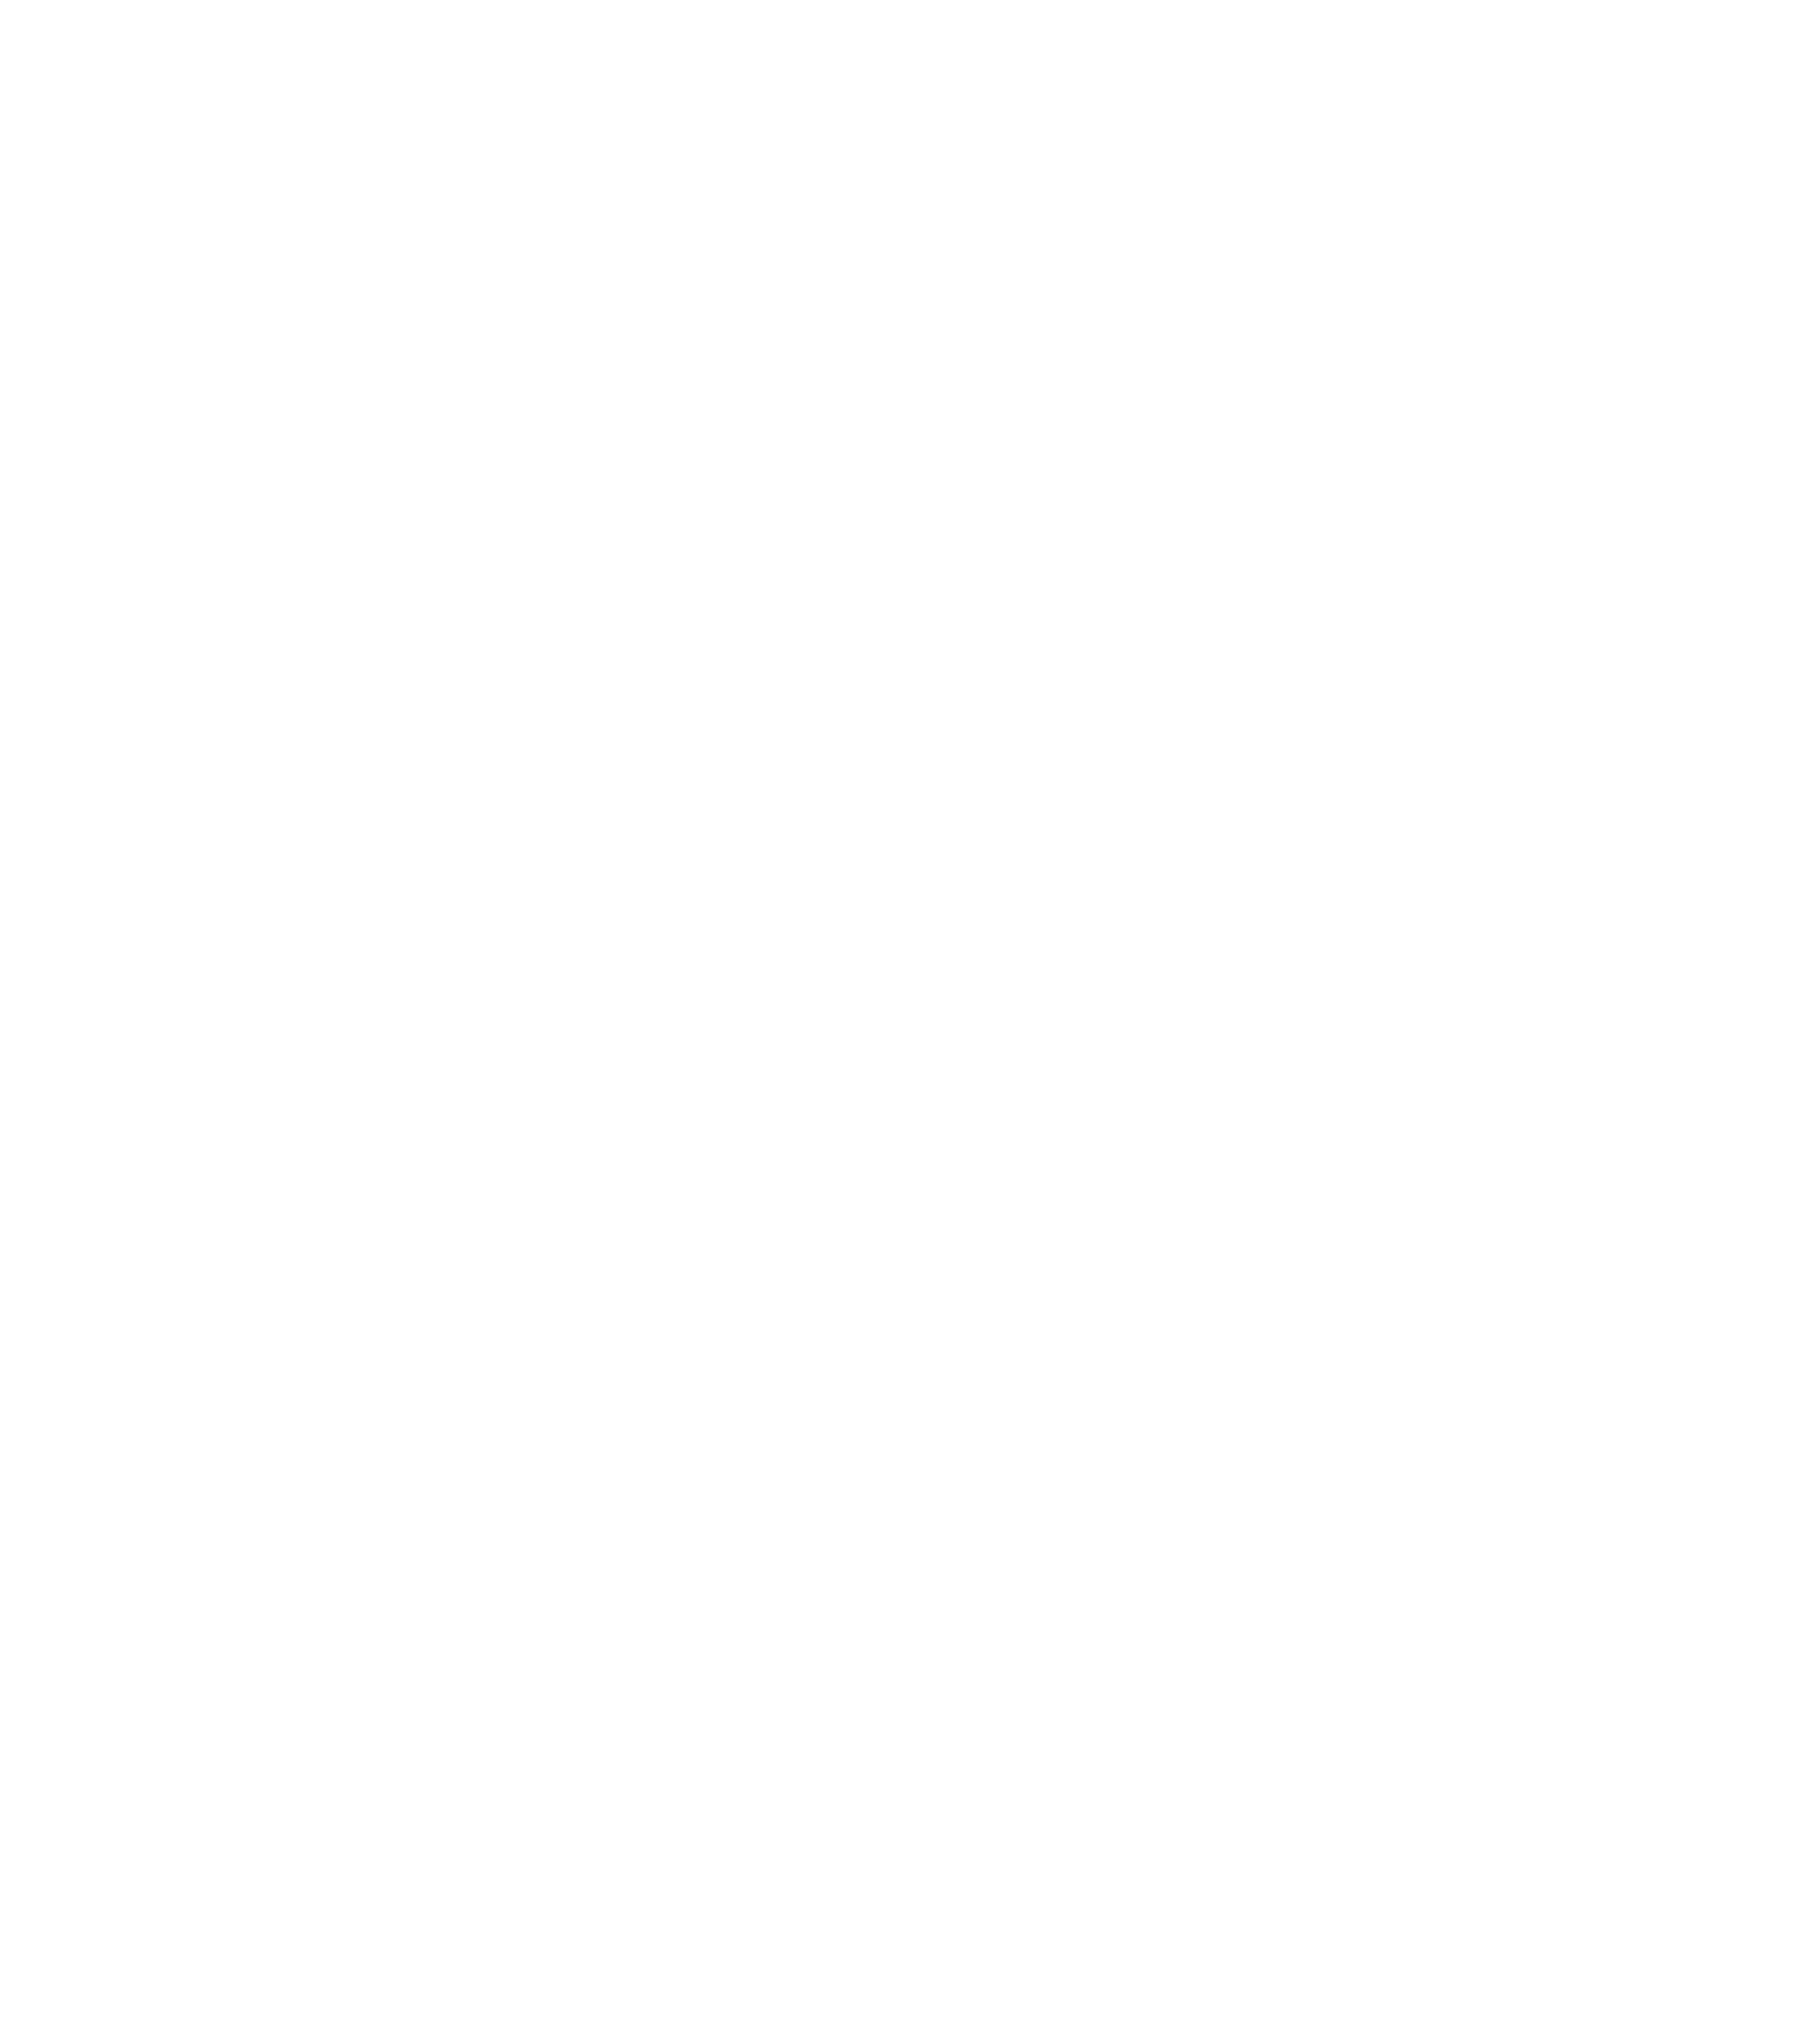 WILDLY_LOGOS-5.png